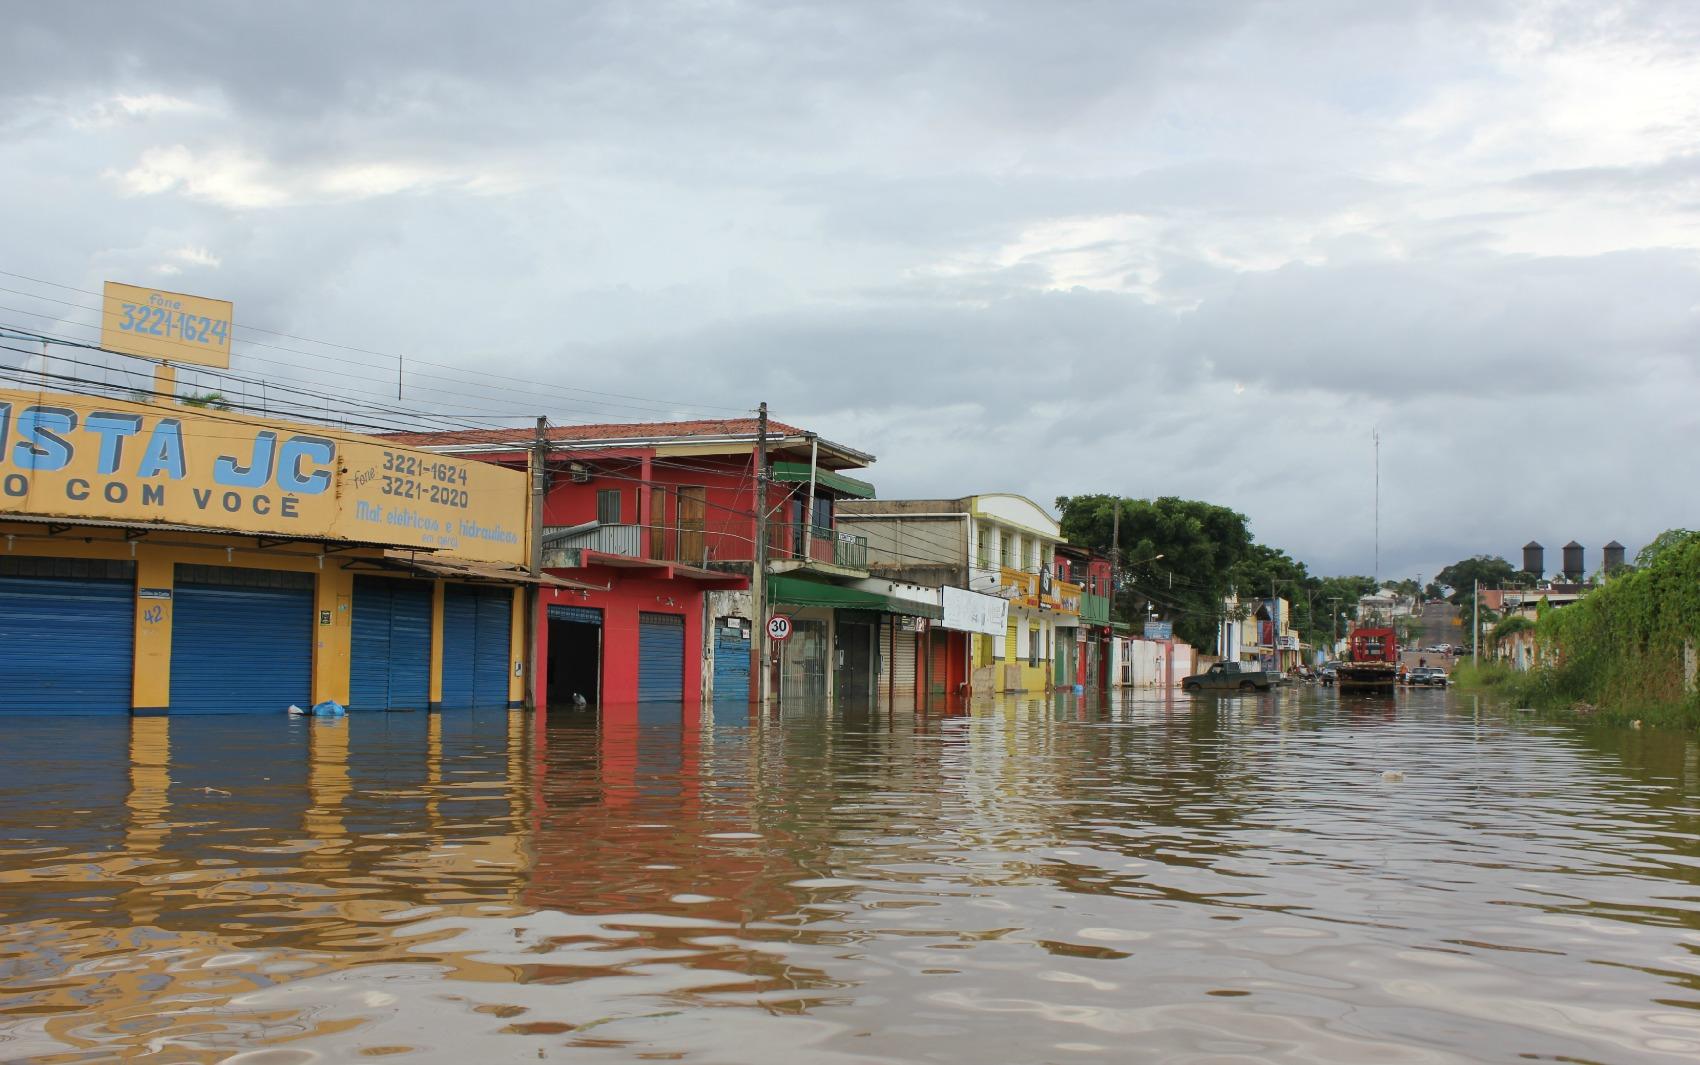 Comércios tomados pela enchente na Avenida Rogério Weber